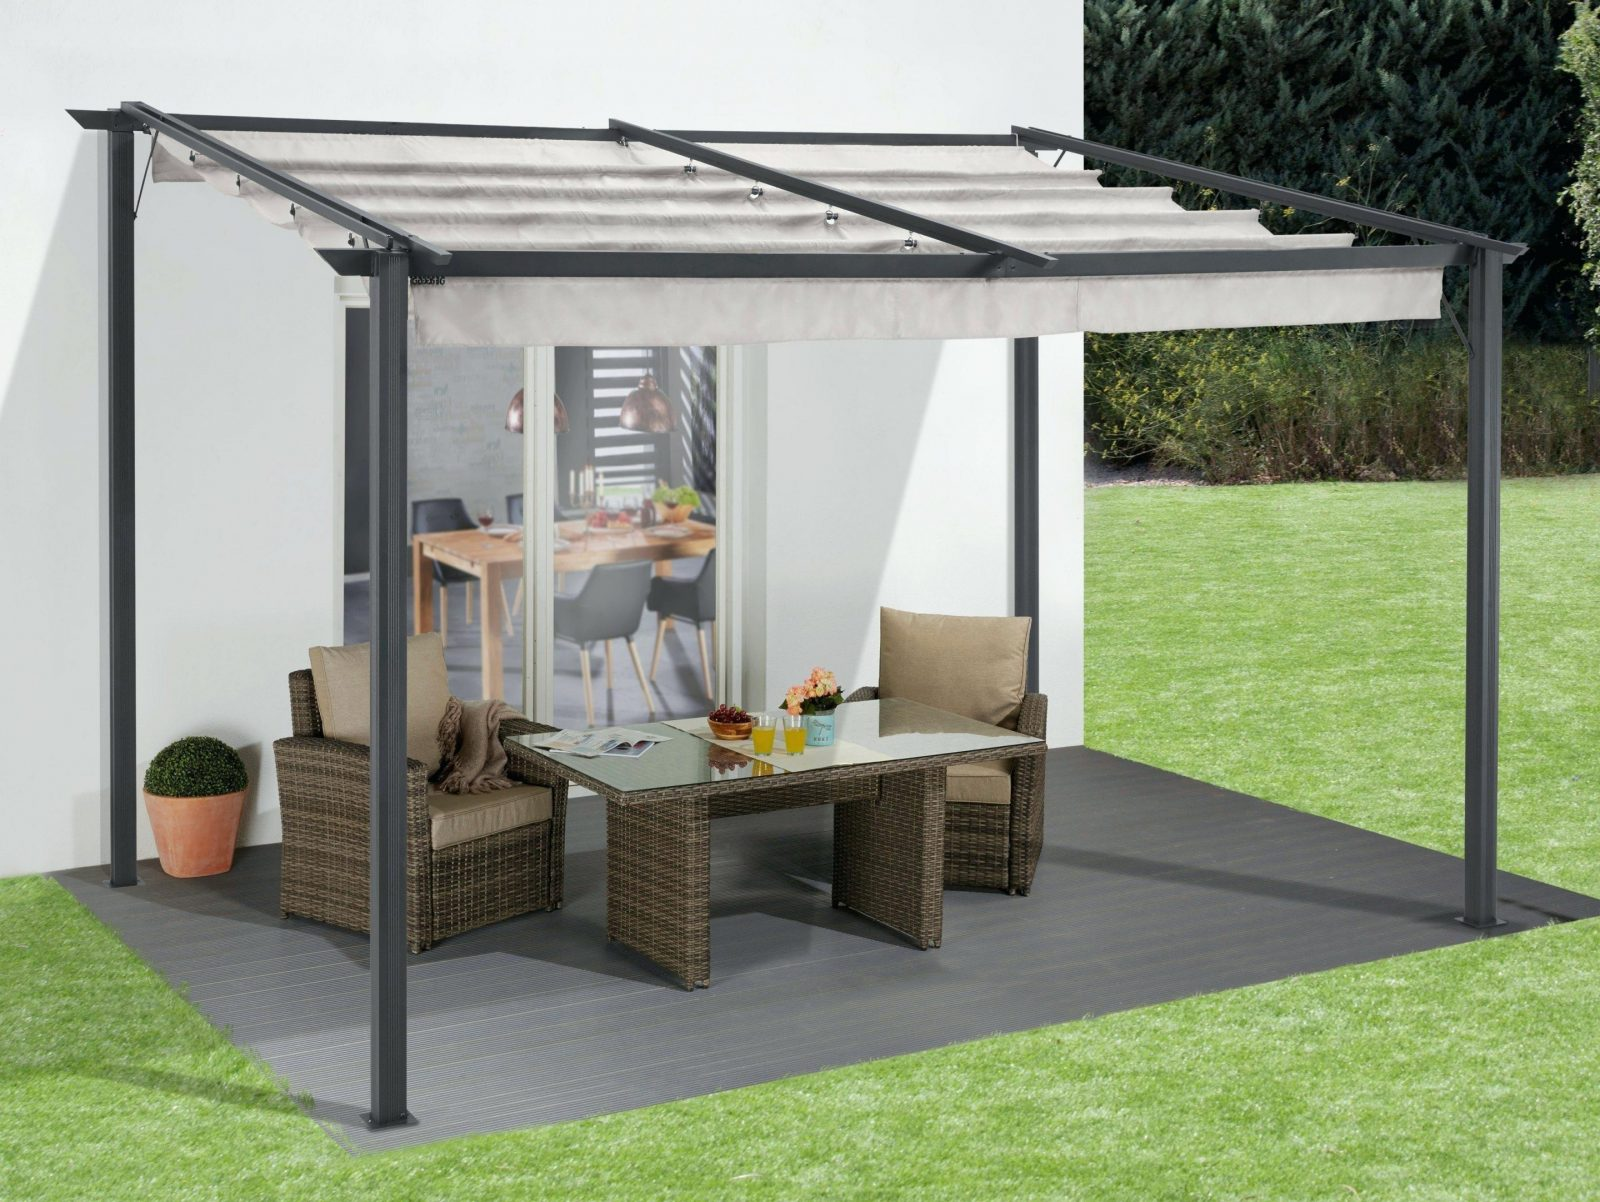 Gartenpavillon 4X4M 4×4 Holz Garten Pavillon Meter – Vstepontario von Pavillon Holz 4X4 Selber Bauen Photo